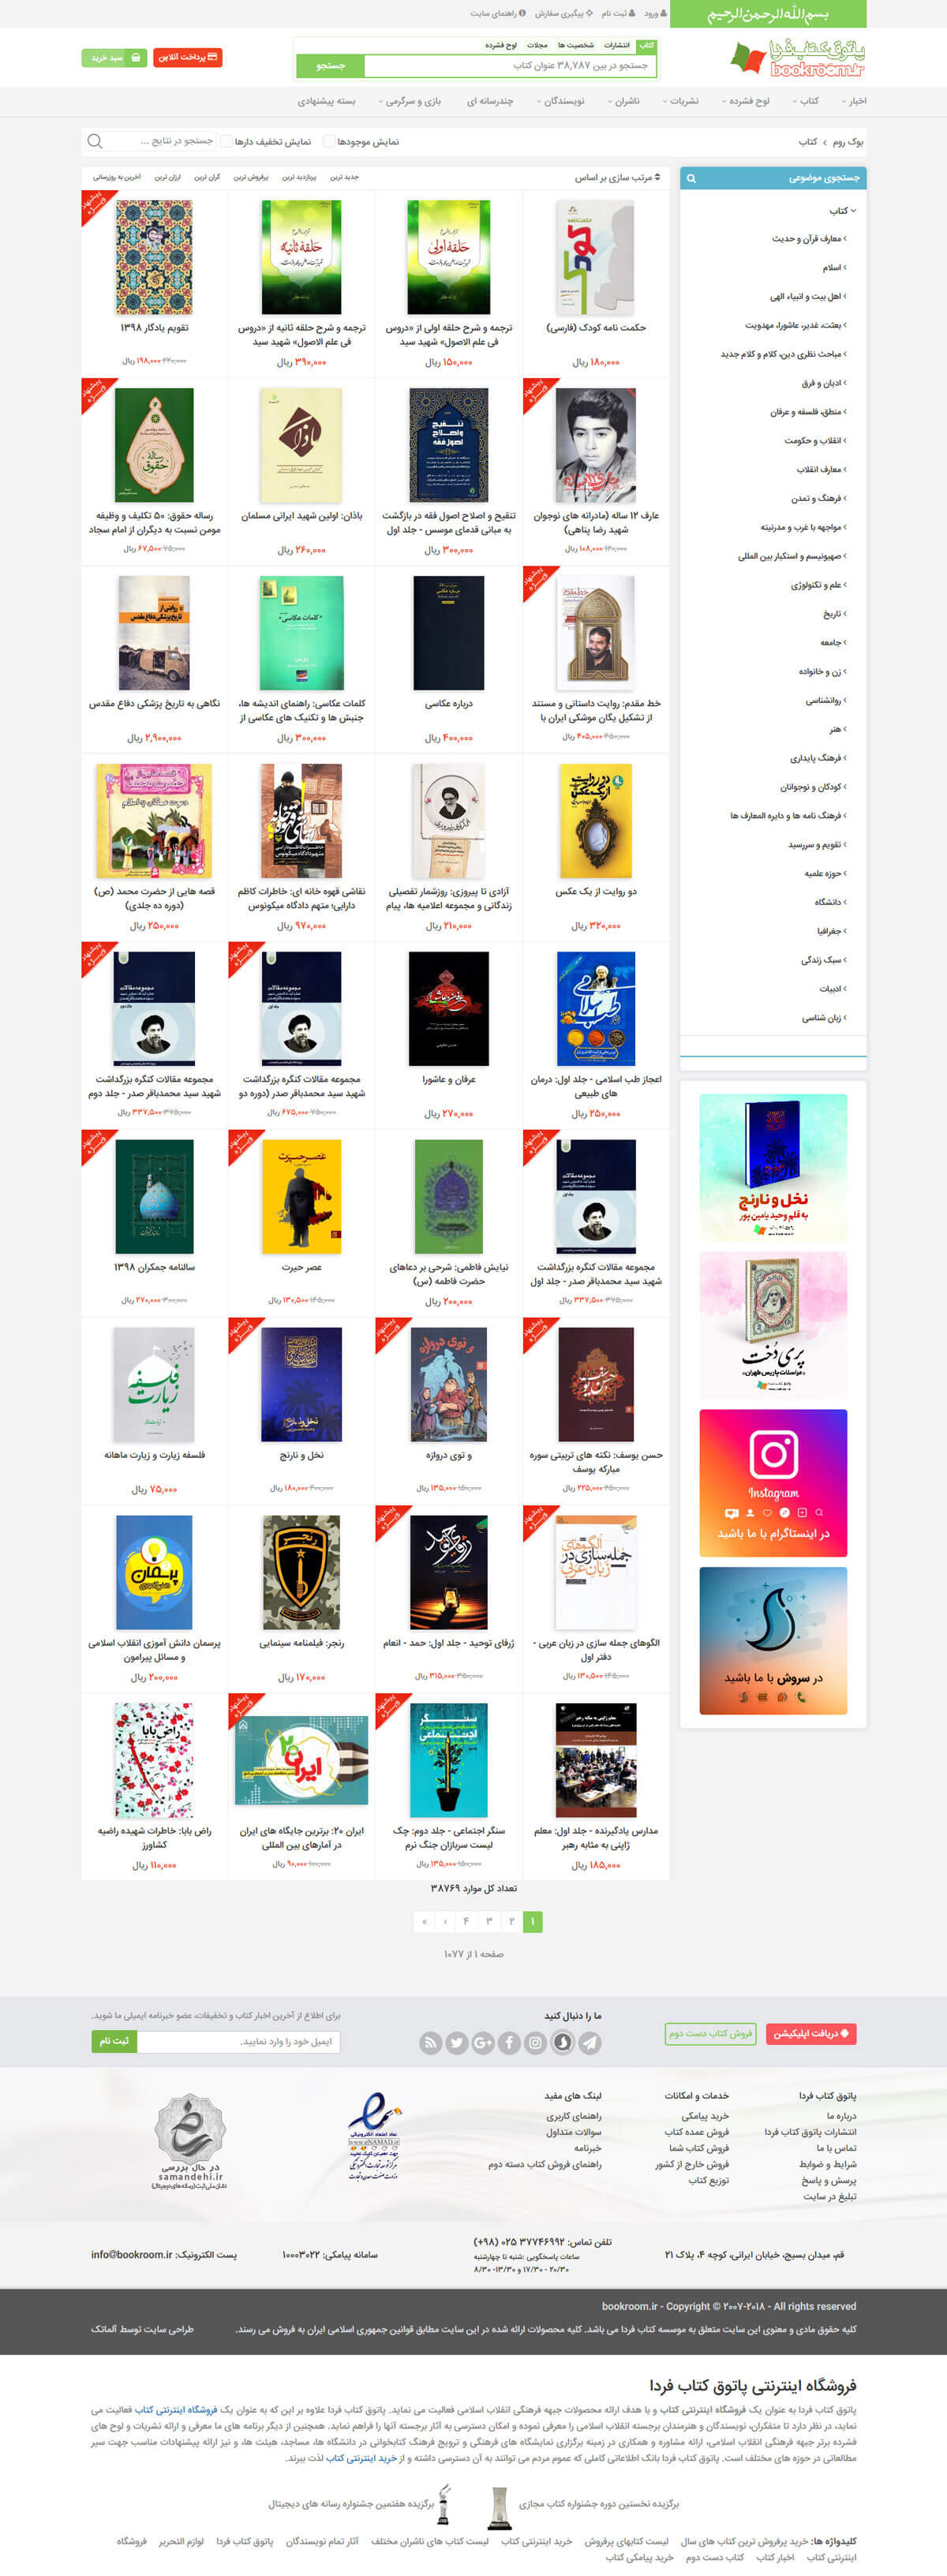 طراحی فهرست محصولات فروشگاه اینترنتی بوک روم